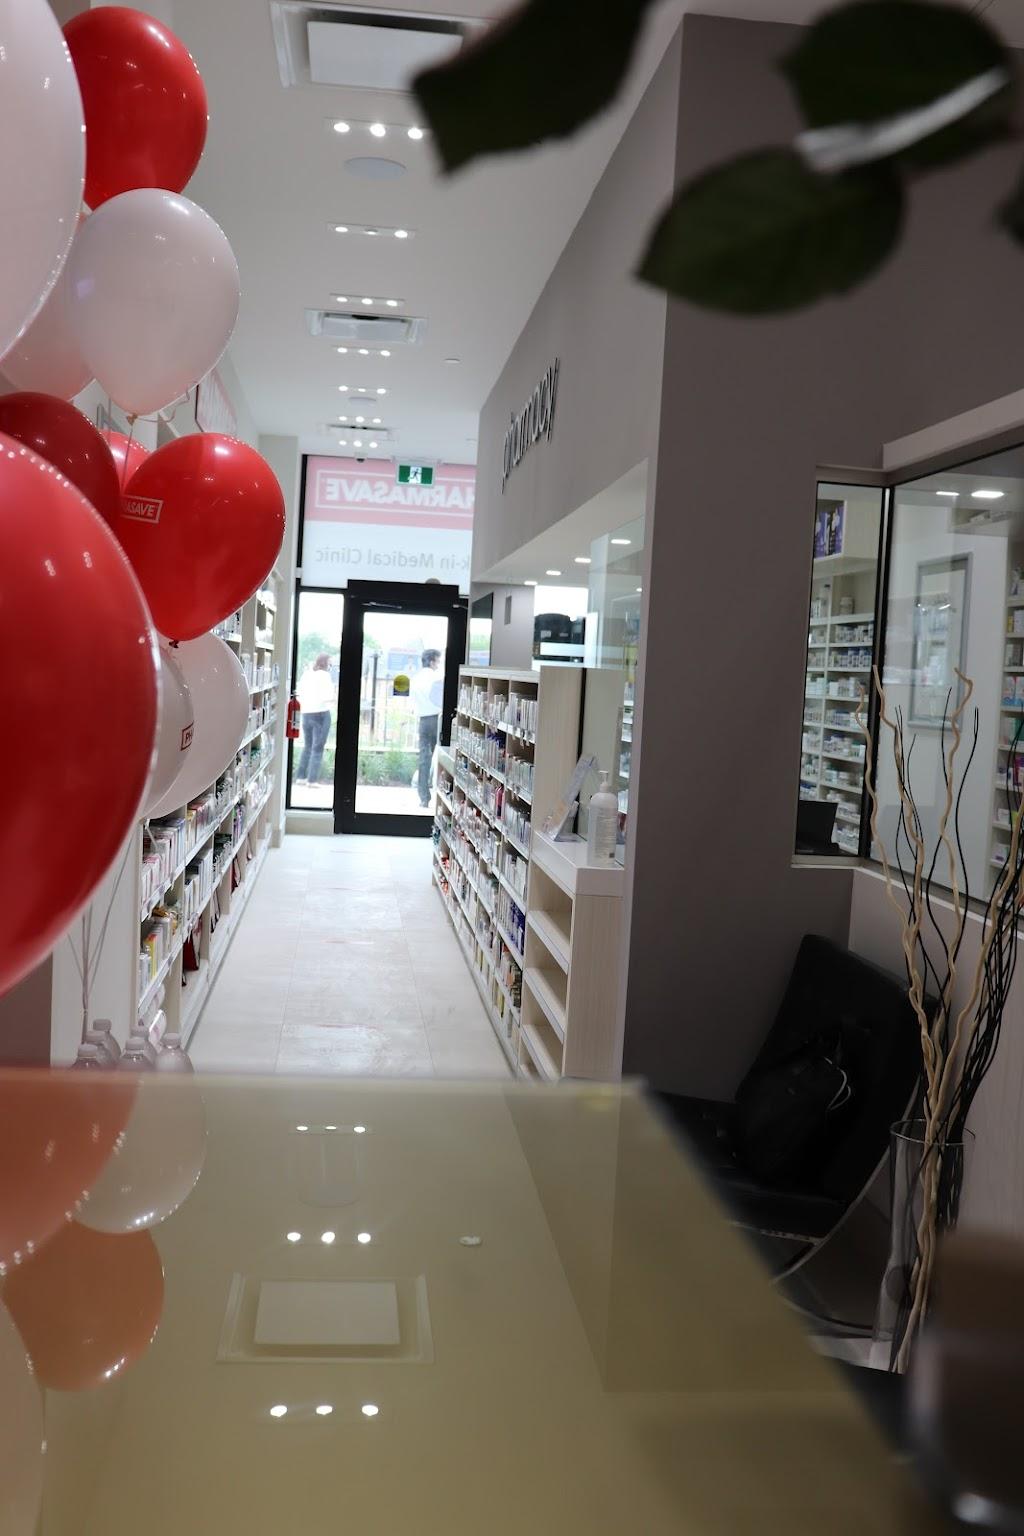 Meadows Arbor Pharmasave | health | 555 William Graham Dr Unit 29, Aurora, ON L4G 7C4, Canada | 9055056555 OR +1 905-505-6555